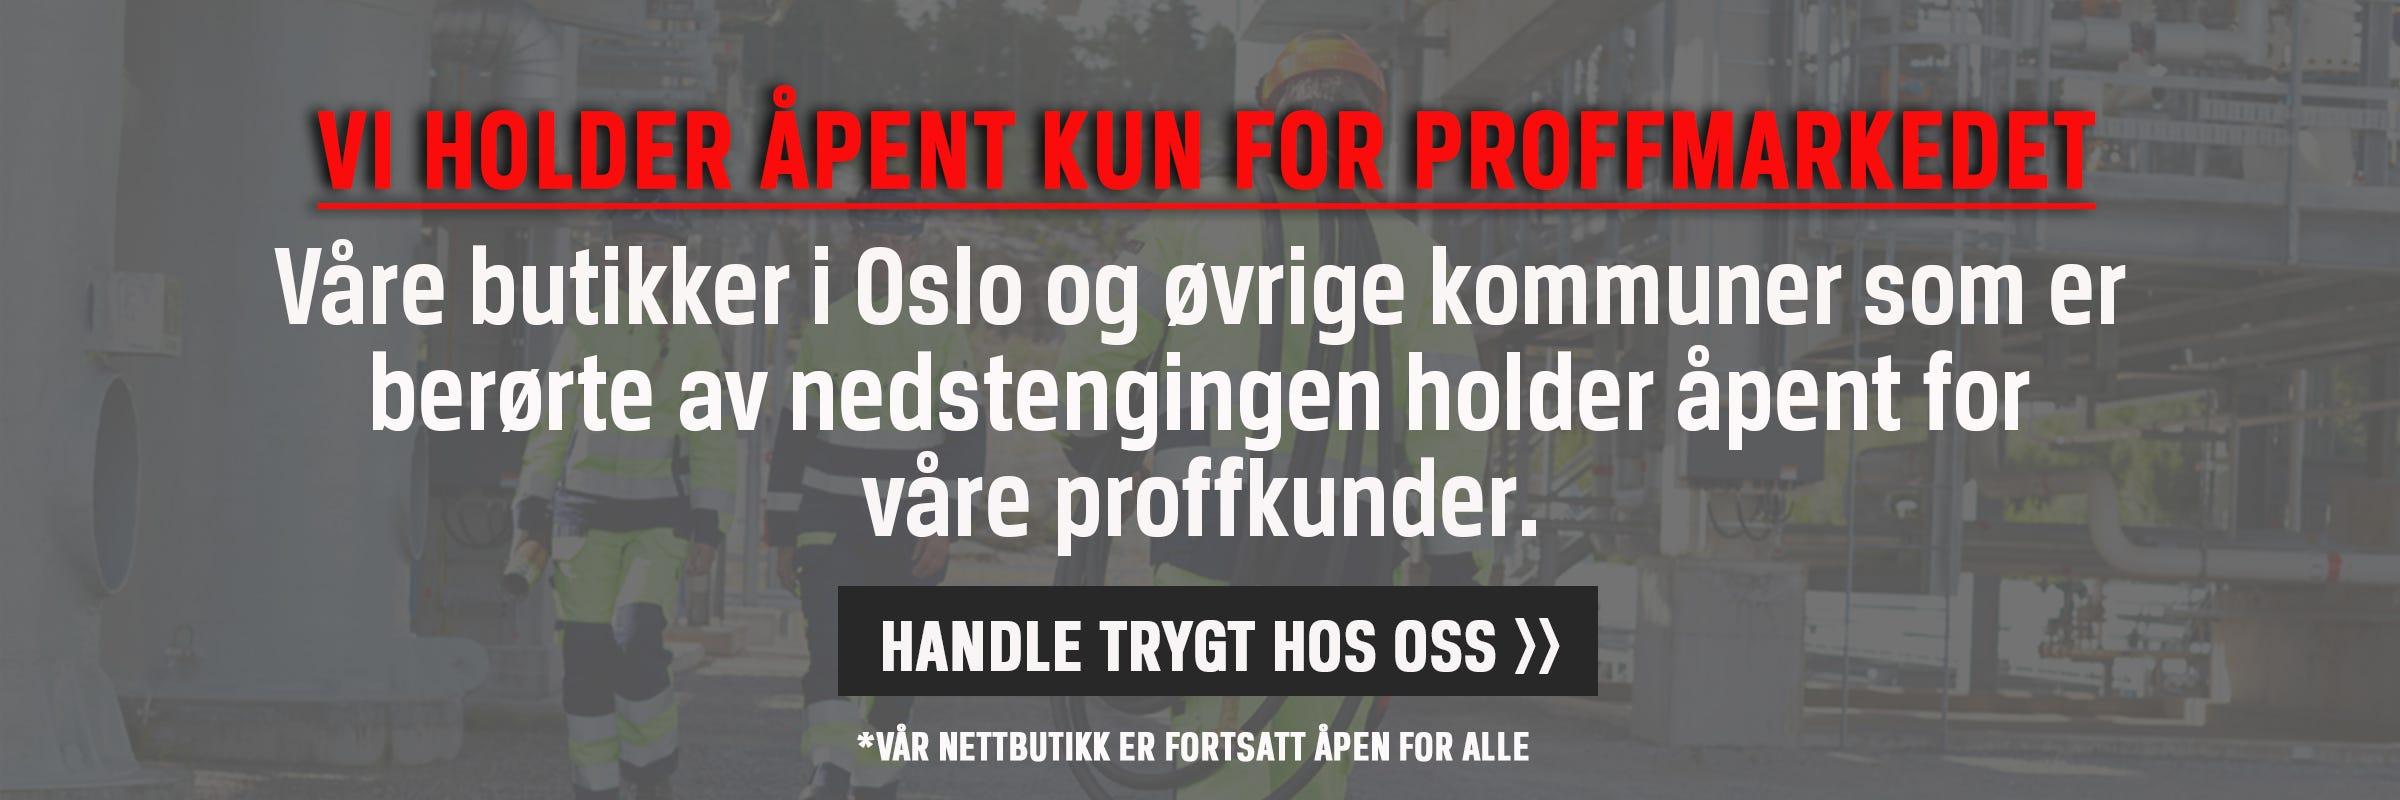 Våre butikker i Oslo og kommuner berørt av nedsteningen holder åpent for våre proffkunder